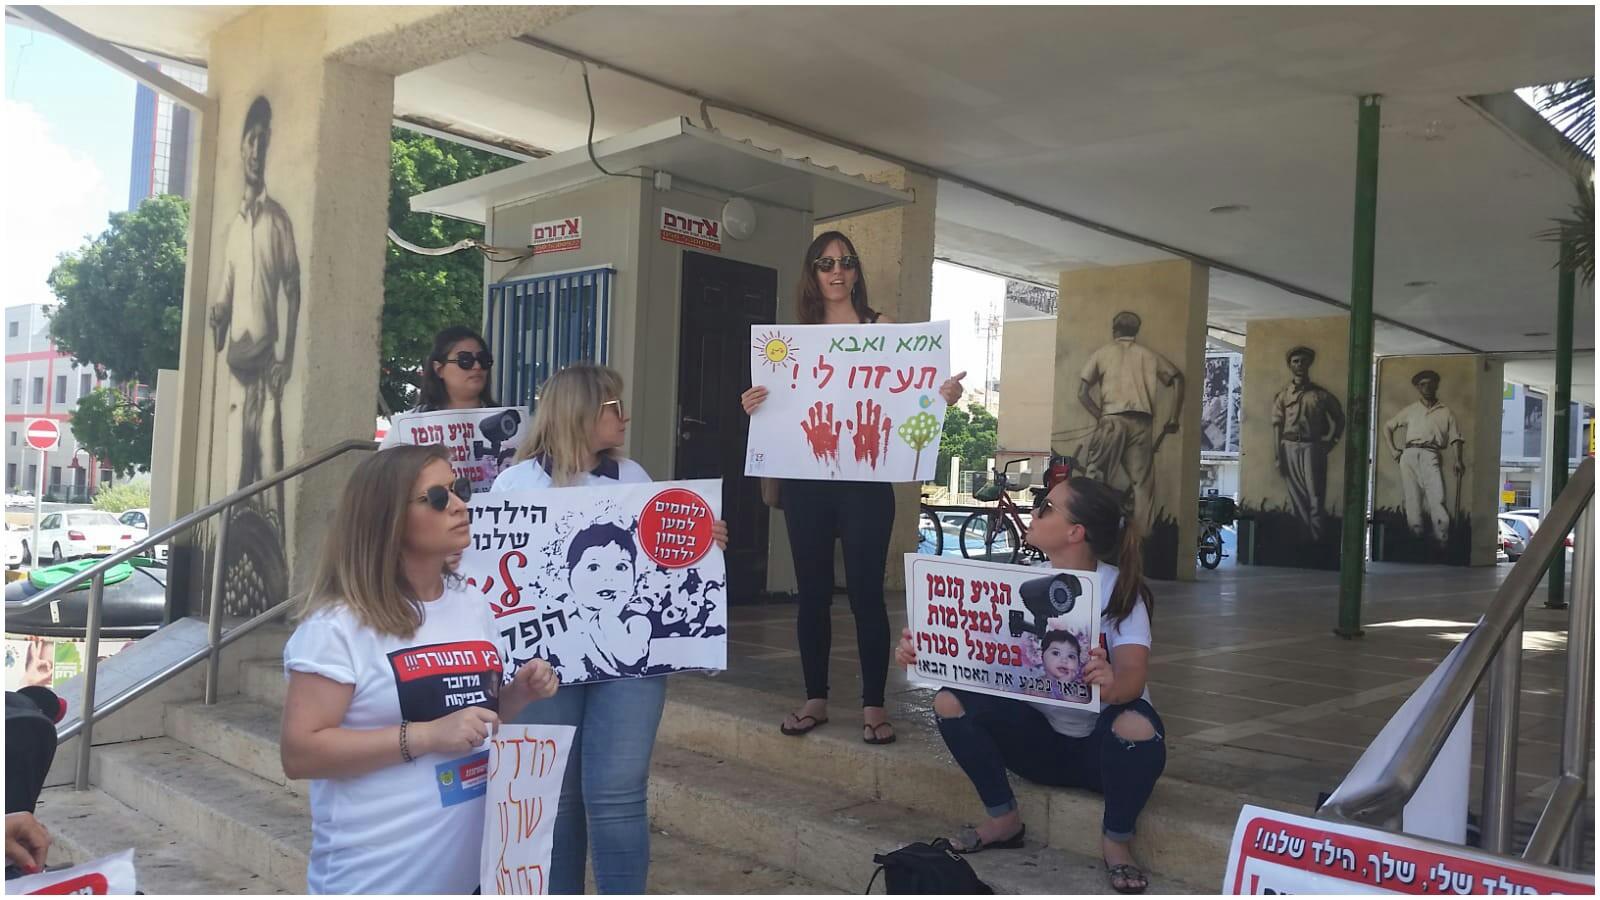 ההפגנה מול העירייה צילום מזל טלבי לוי